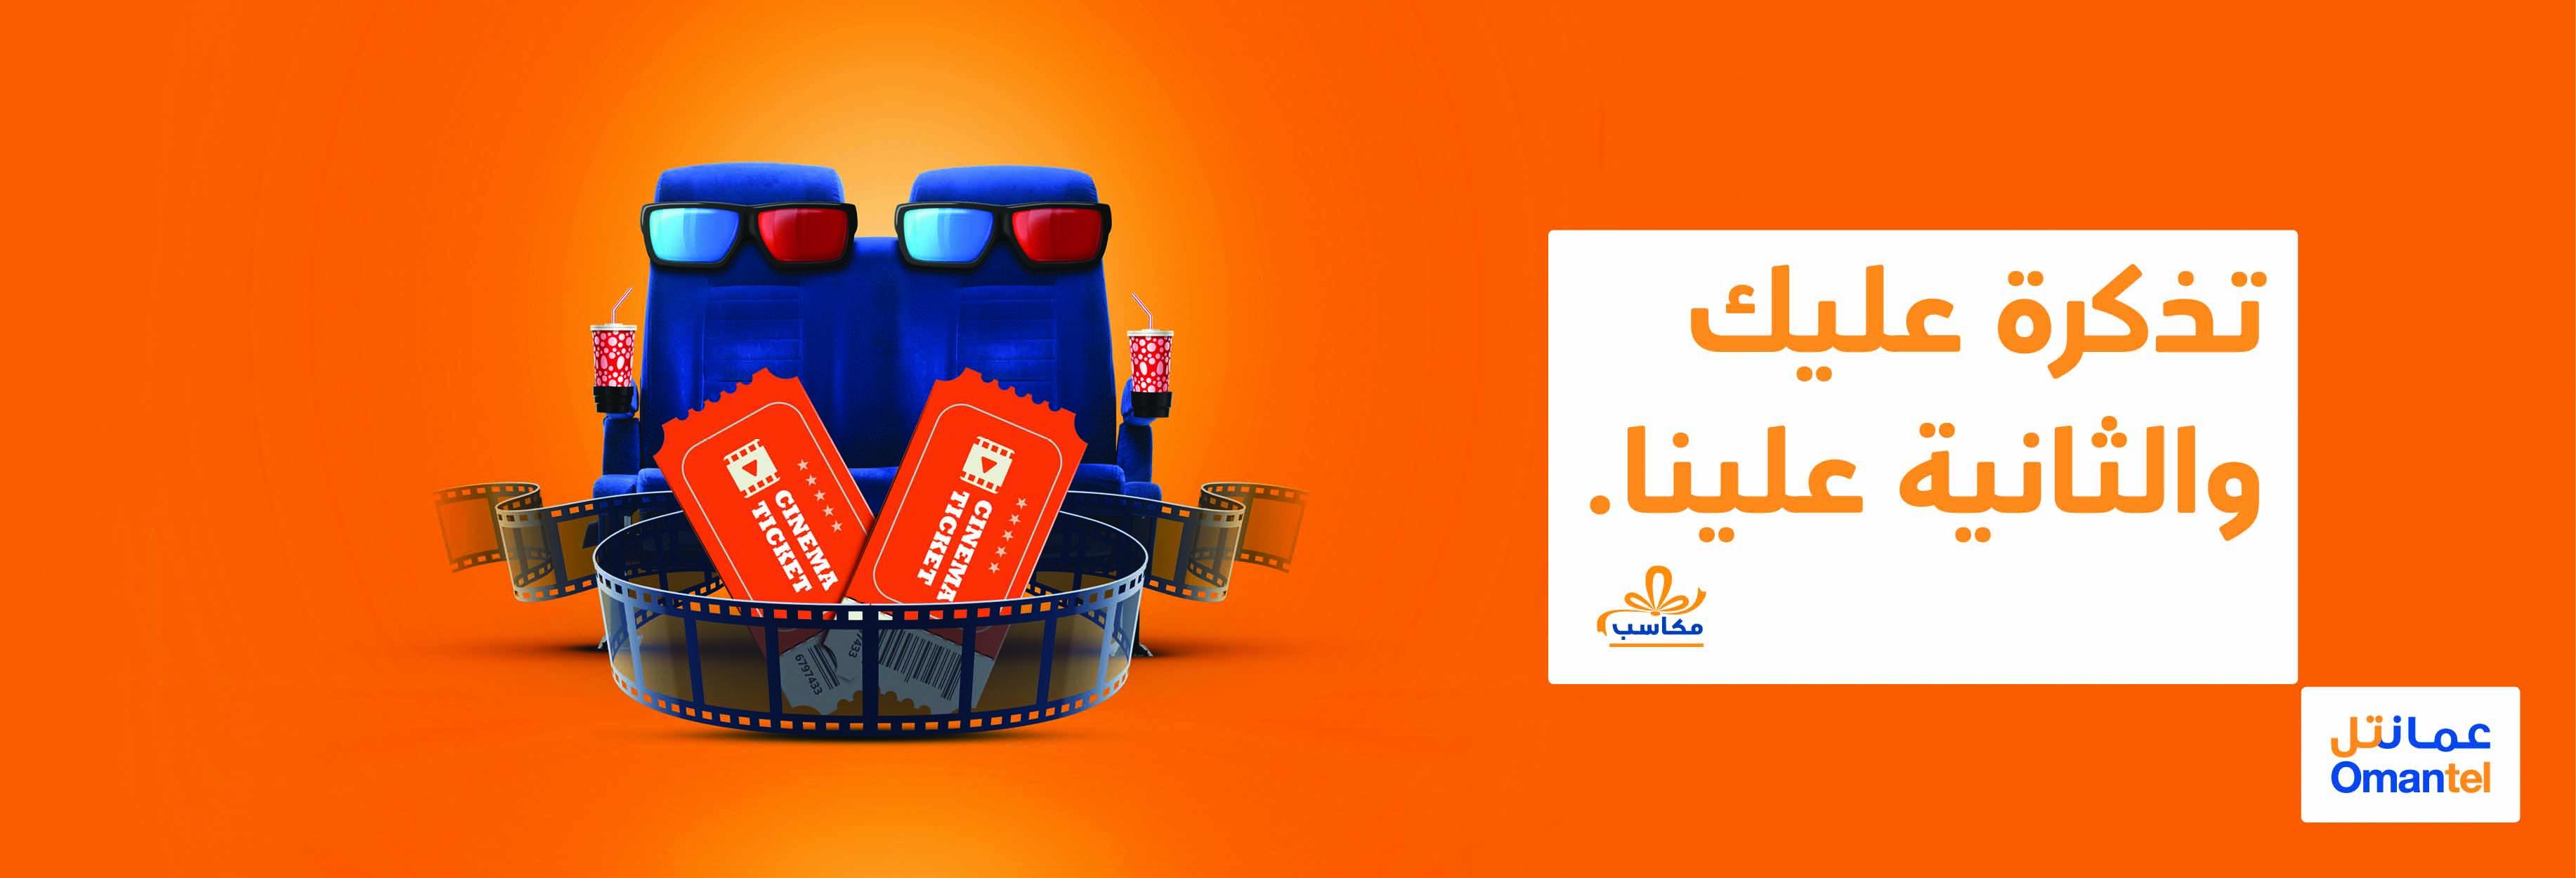 عمانتل تطلق عرض فيلم الأربعاء لأعضاء «مكاسب»